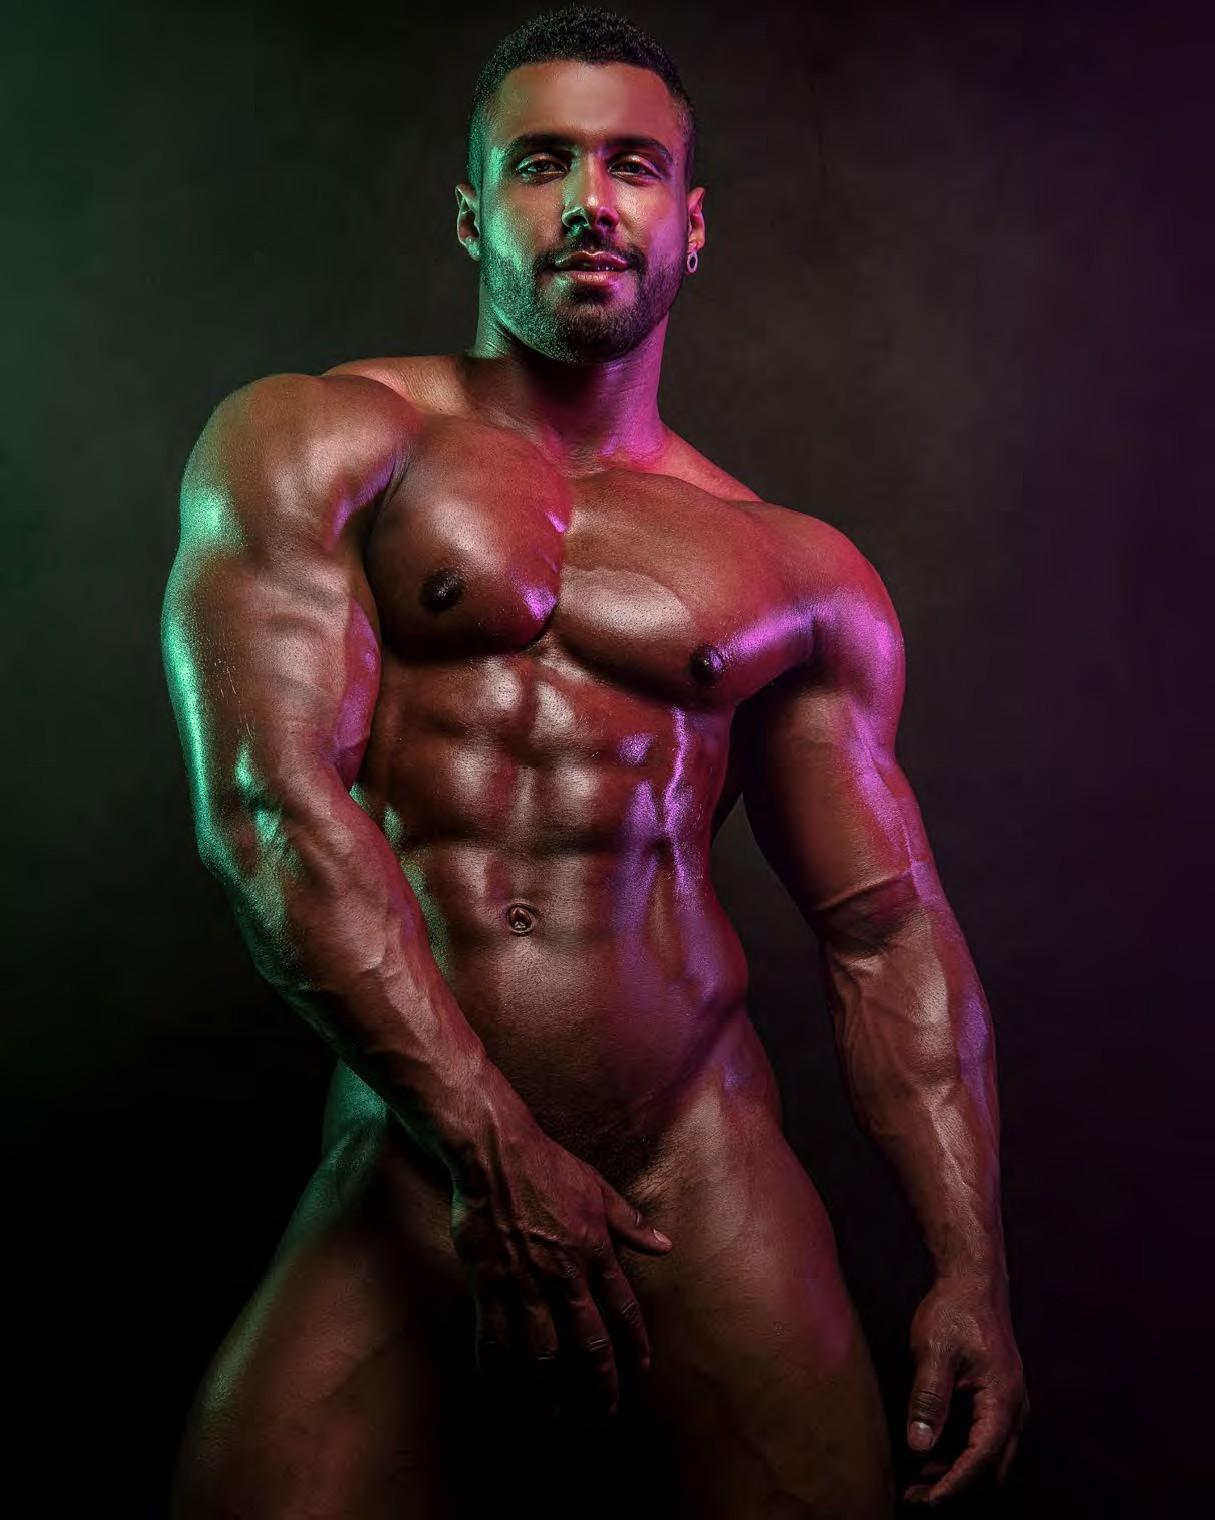 Model Eric Uchoa